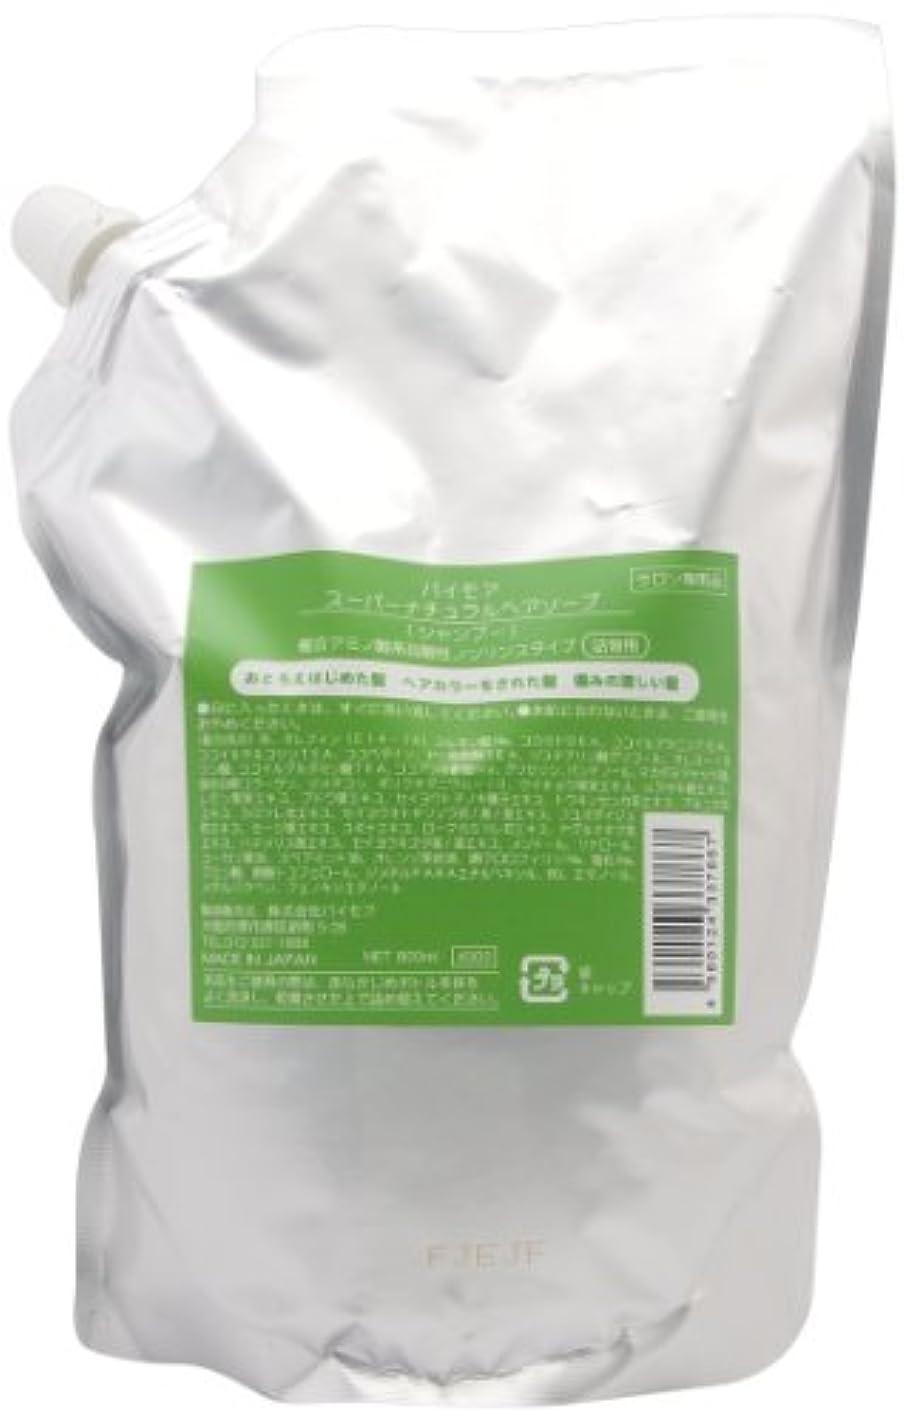 バレエ食料品店クラッチパイモア スーパーナチュラルヘアソープシャンプー 800ml